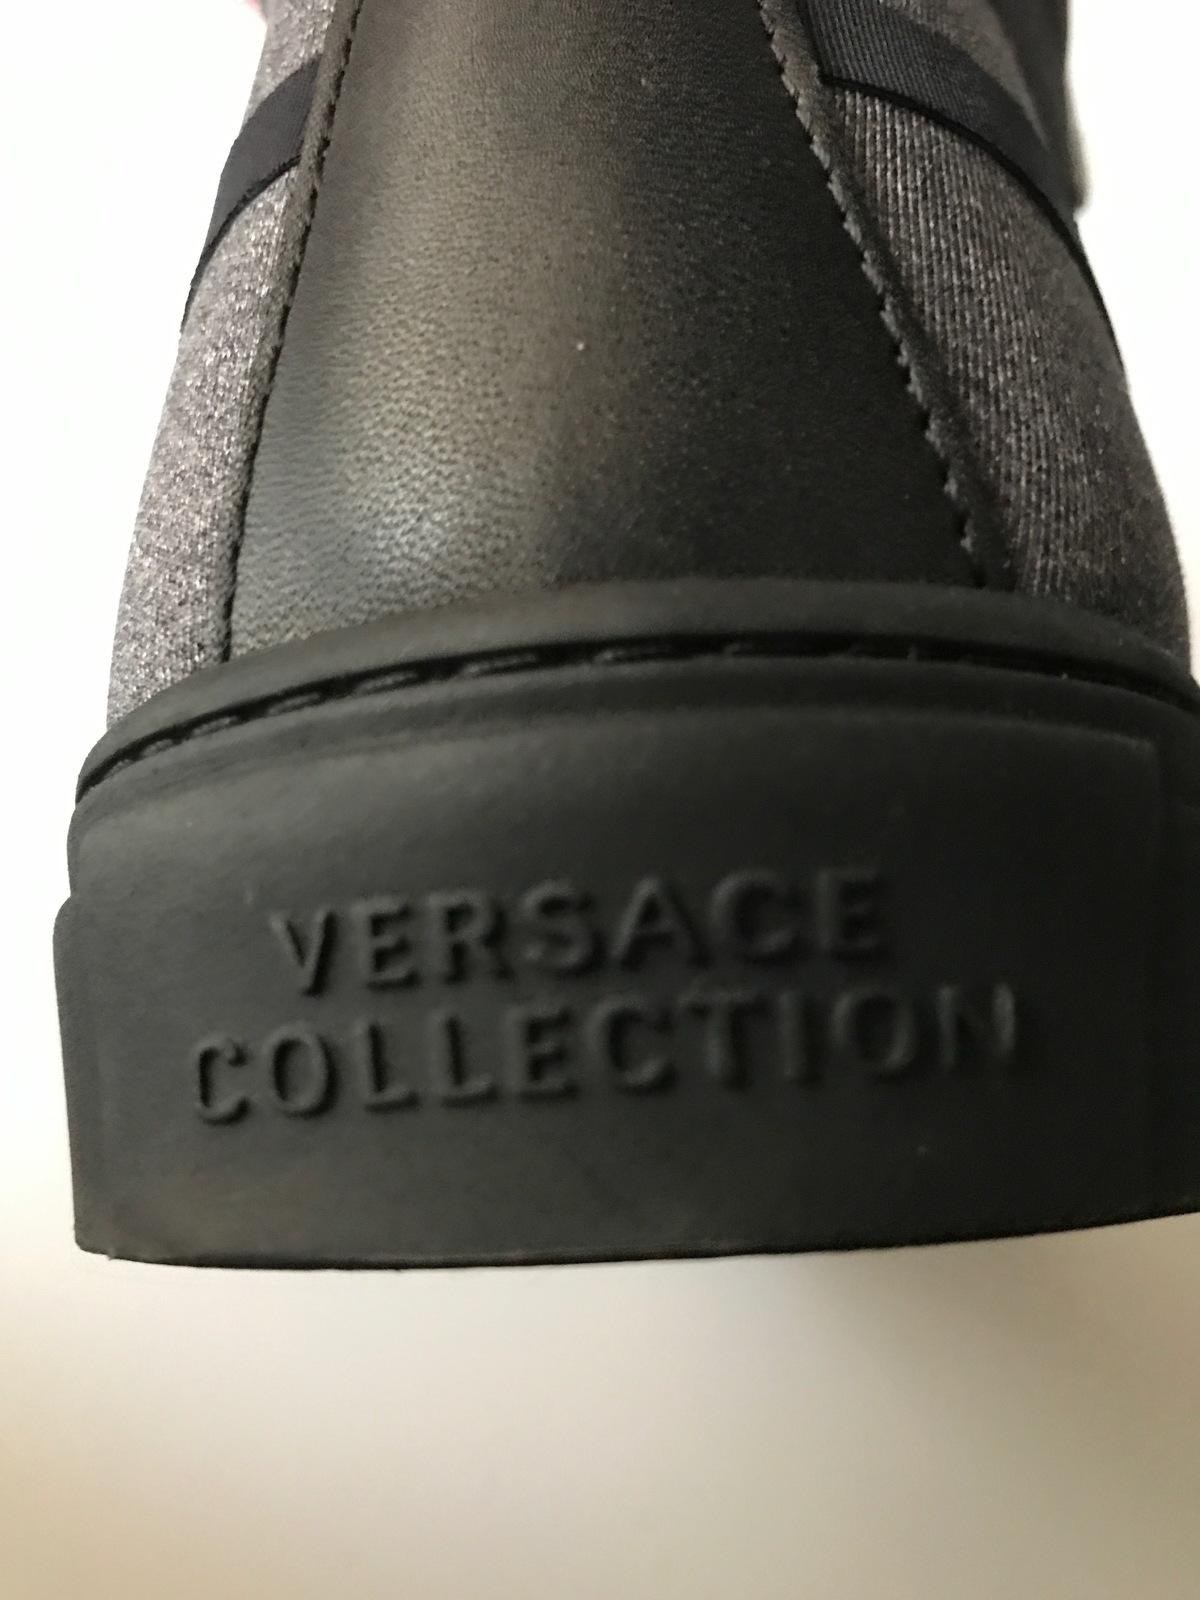 Sapatilhas/Botas Versace Novas 6